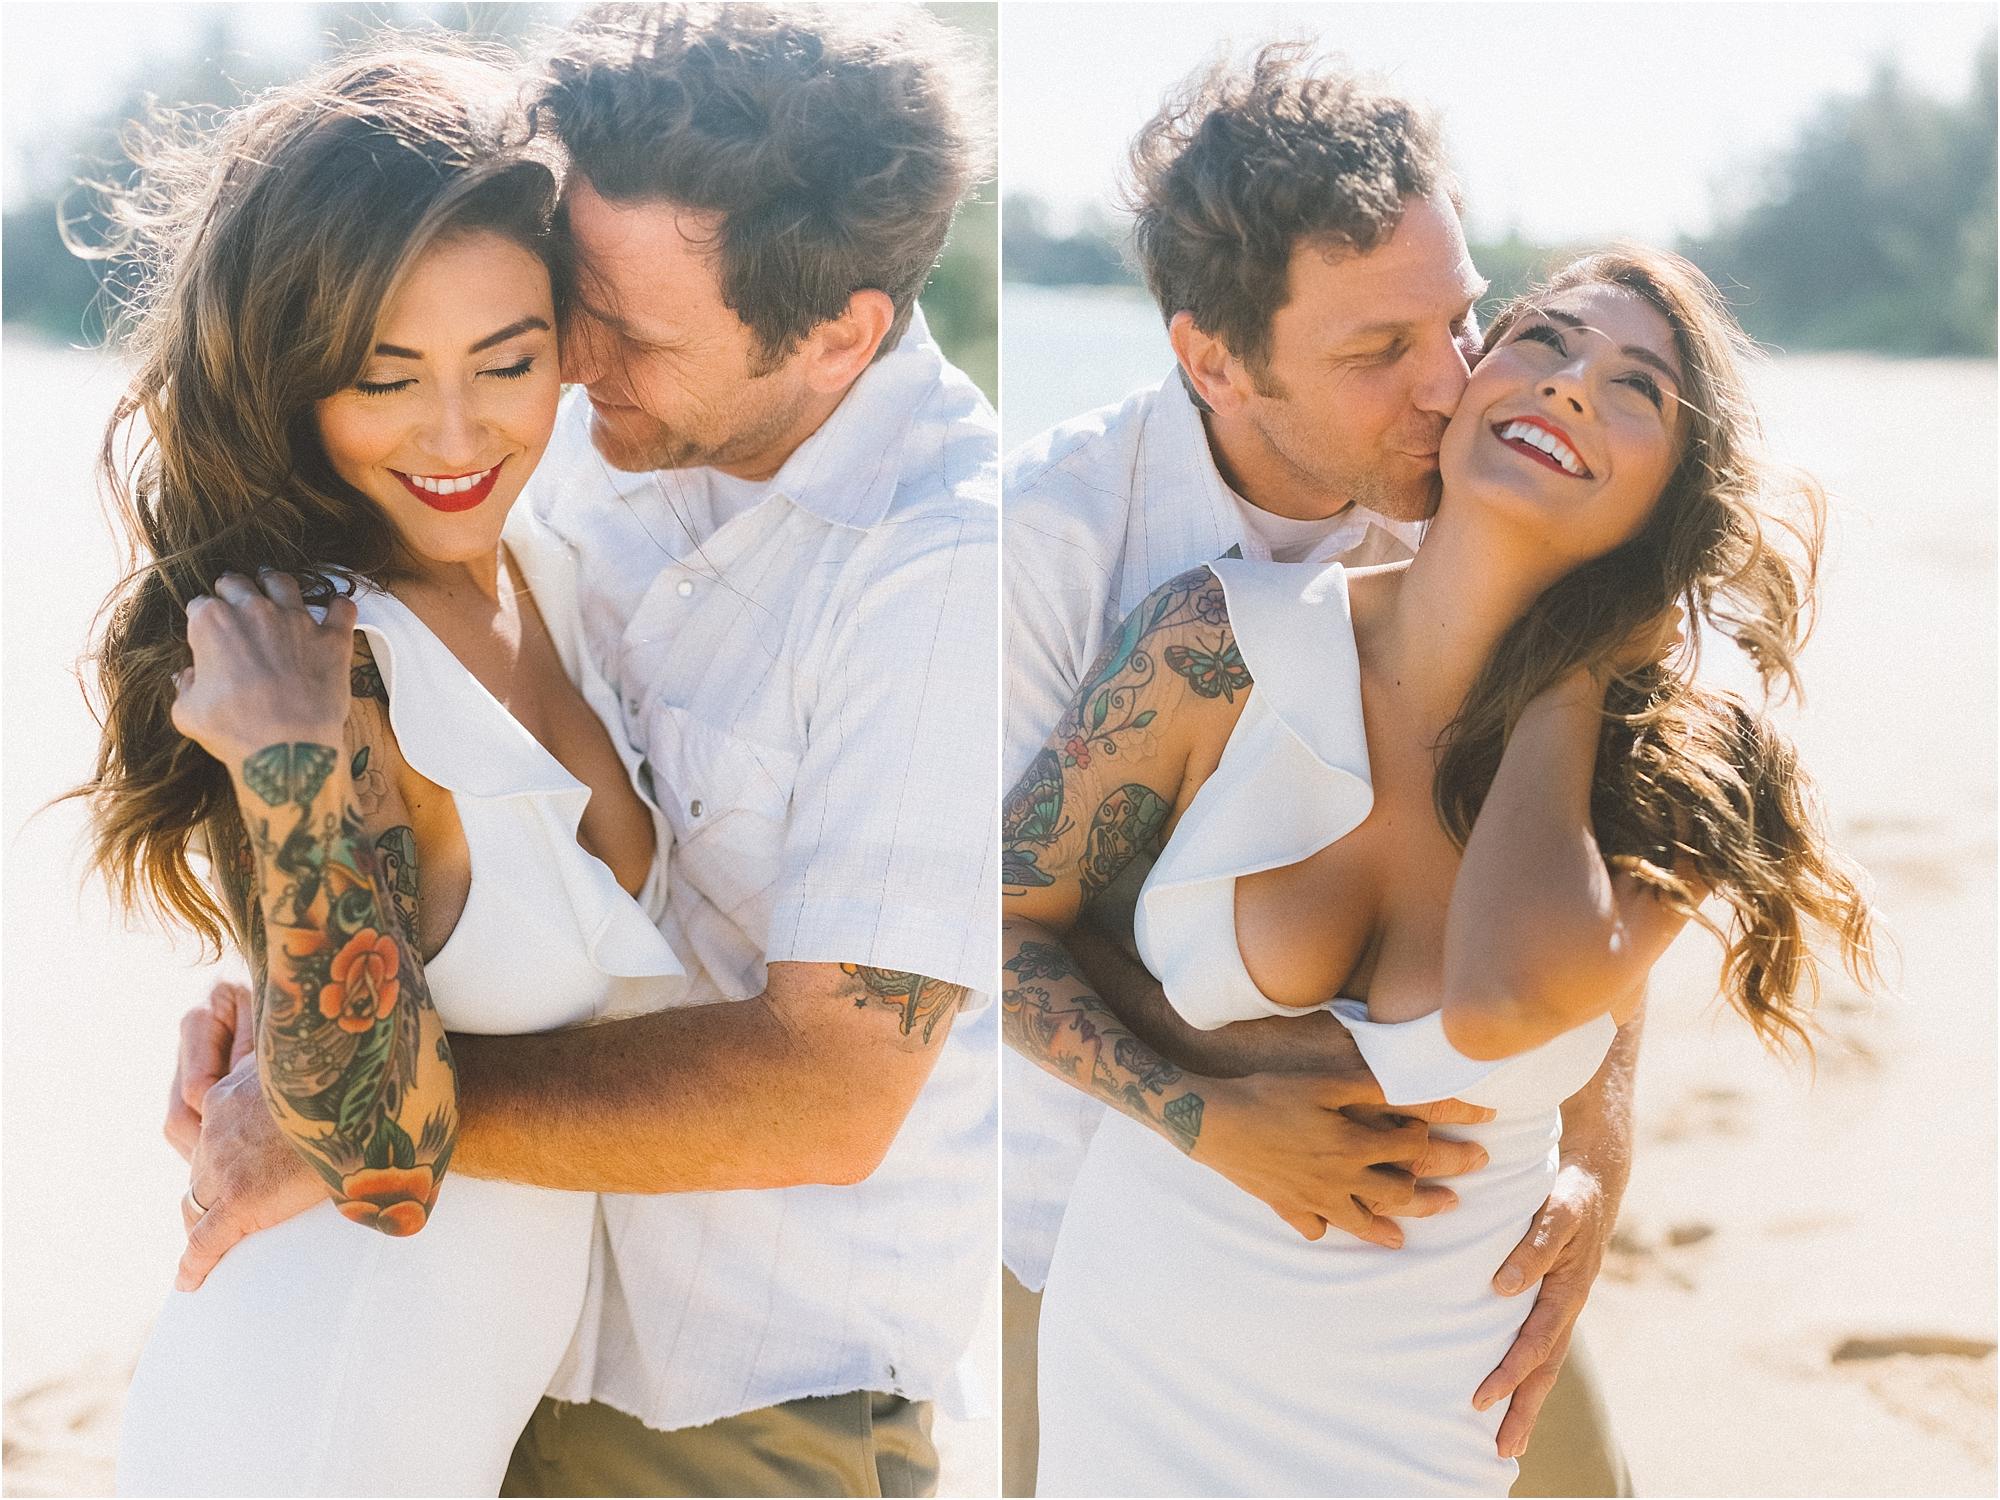 angie-diaz-photography-maui-honeymoon-photographer_0016.jpg